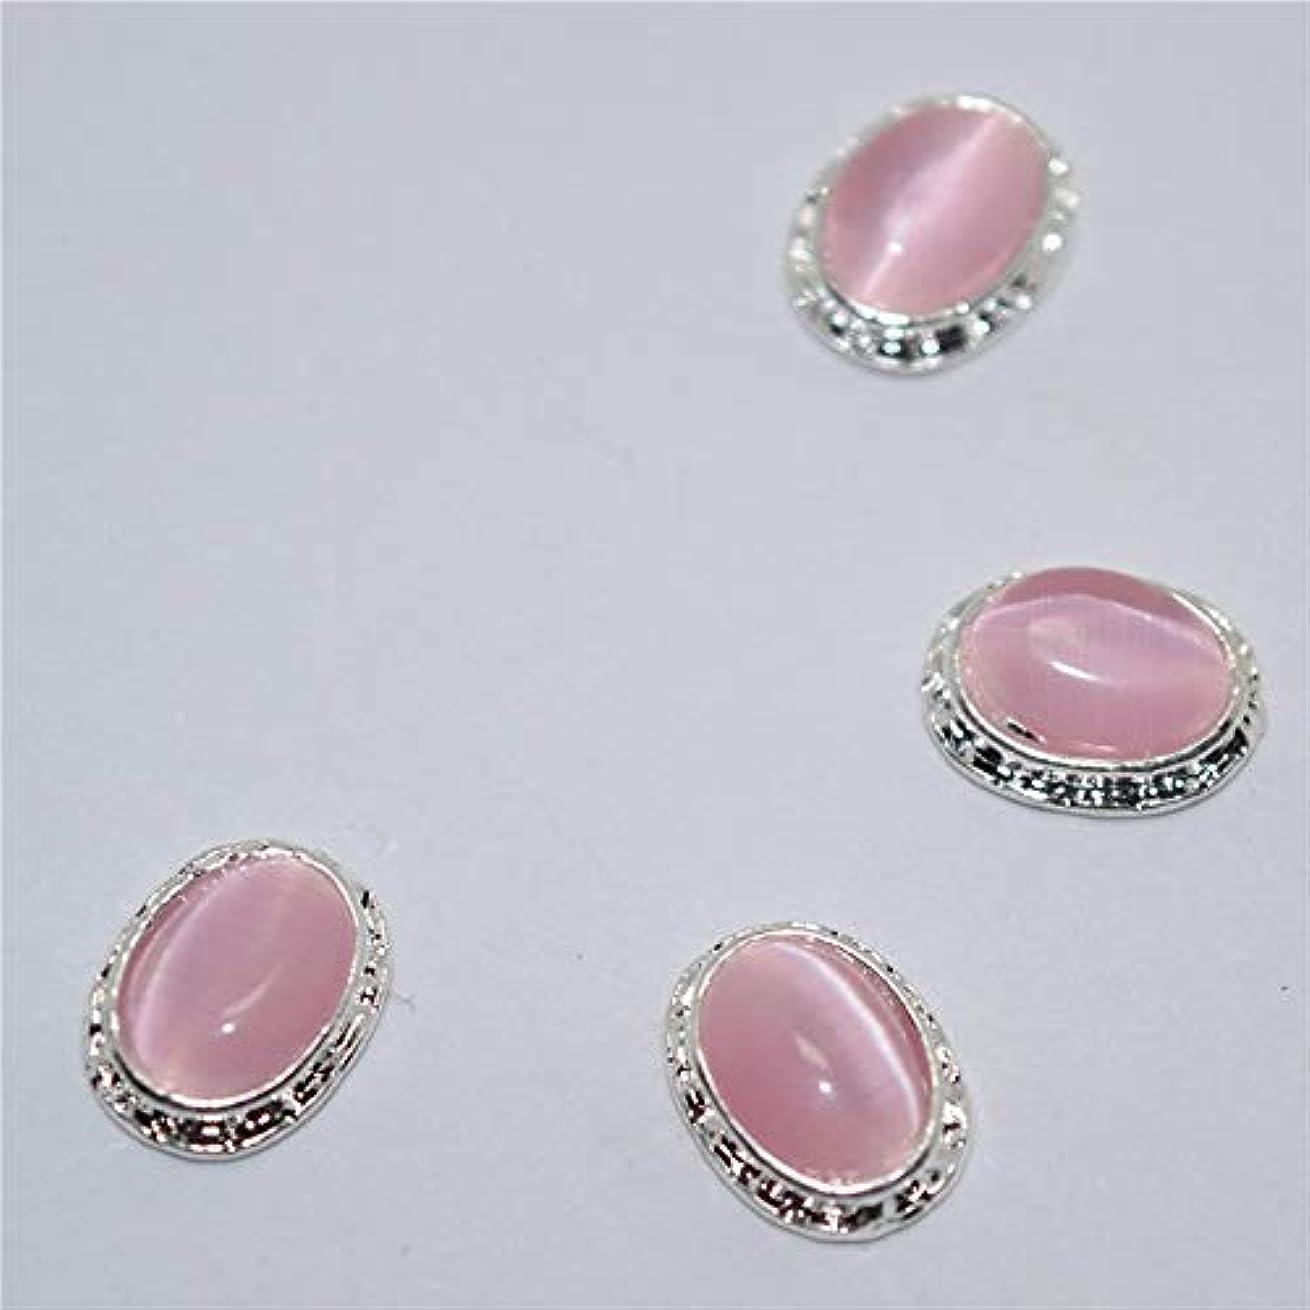 リアル毎年マネージャー10個入りの新ピンクの楕円形の石の3Dネイルアートの装飾合金ネイルチャームネイルズラインストーンネイル用品